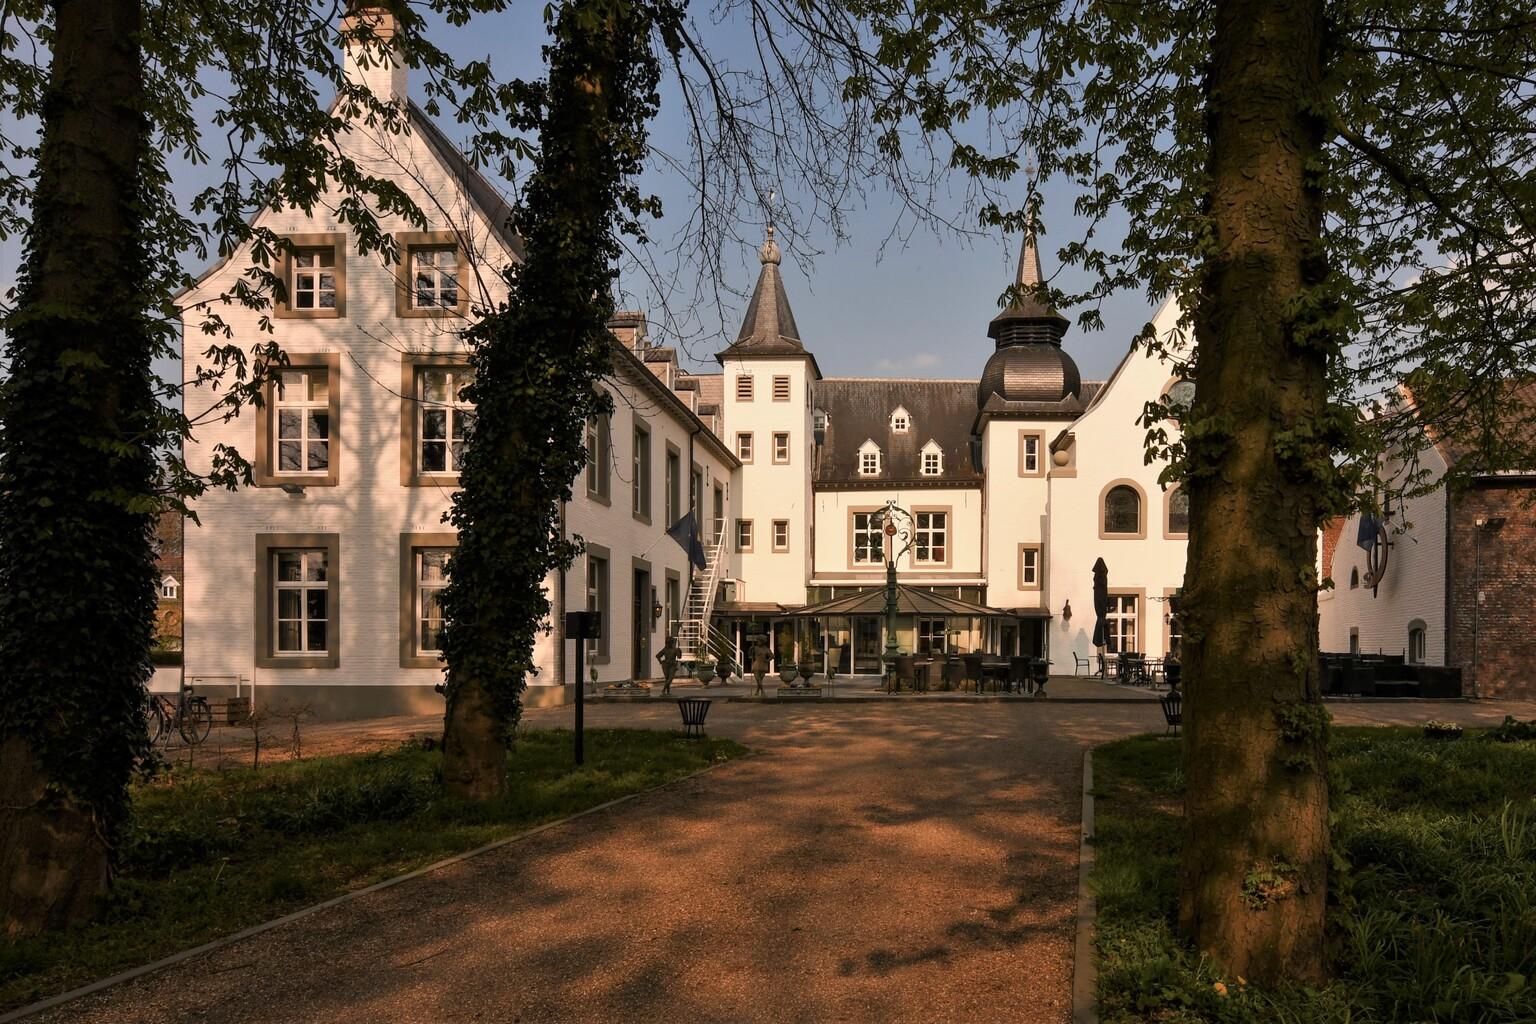 Kasteel Doenrade - Kasteel Doenrade (oorspronkelijk Doonderhuuske genoemd) werd gebouwd rond 1117 en is daarmee één van de oudste kastelen van Limburg.  Enorm bedankt v - foto door ManuelaDols op 21-04-2021 - locatie: 6438 AA Klein- Doenrade, Nederland - deze foto bevat: kasteel, kasteel doenrade, doenrade, klein doenrade, landschap, limburg, manuela dols, fabriek, gebouw, lucht, venster, eigendom, boom, gras, woongebied, facade, tinten en schakeringen